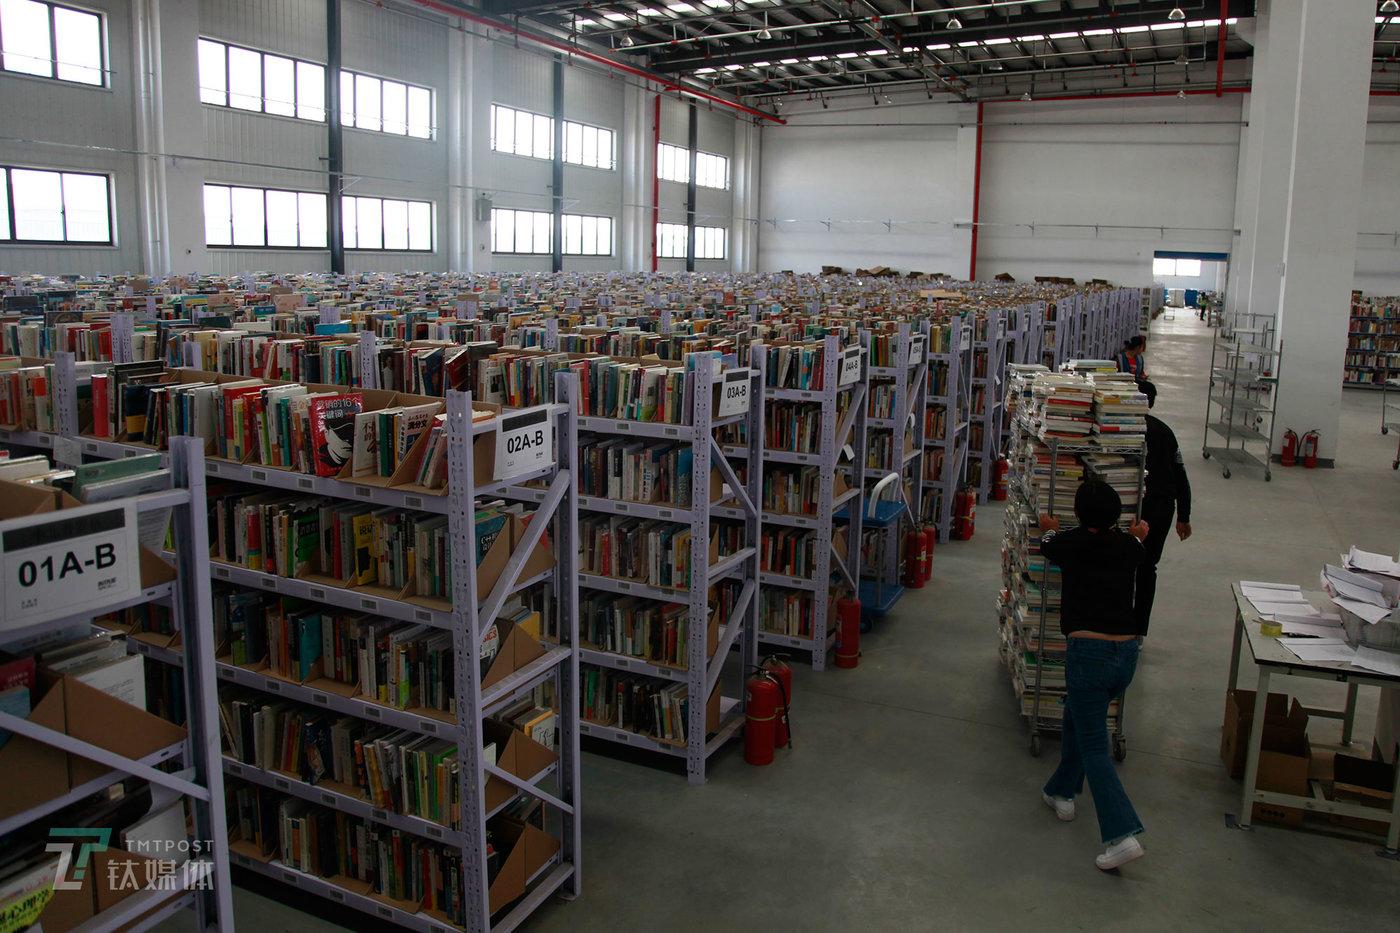 """多抓鱼二手书仓库目前库存为50万本左右。售出价格方面,多抓鱼有一套自己的算法,这套算法根据商品质量和内容的稀缺性对每本书进行定价。""""基于内容的折扣一般会高过基于品相的折扣"""",多抓鱼一名负责人向钛媒体《在线》介绍,一本书从入库到最终上架出售,时间是3到4天。(陈拯 摄)"""